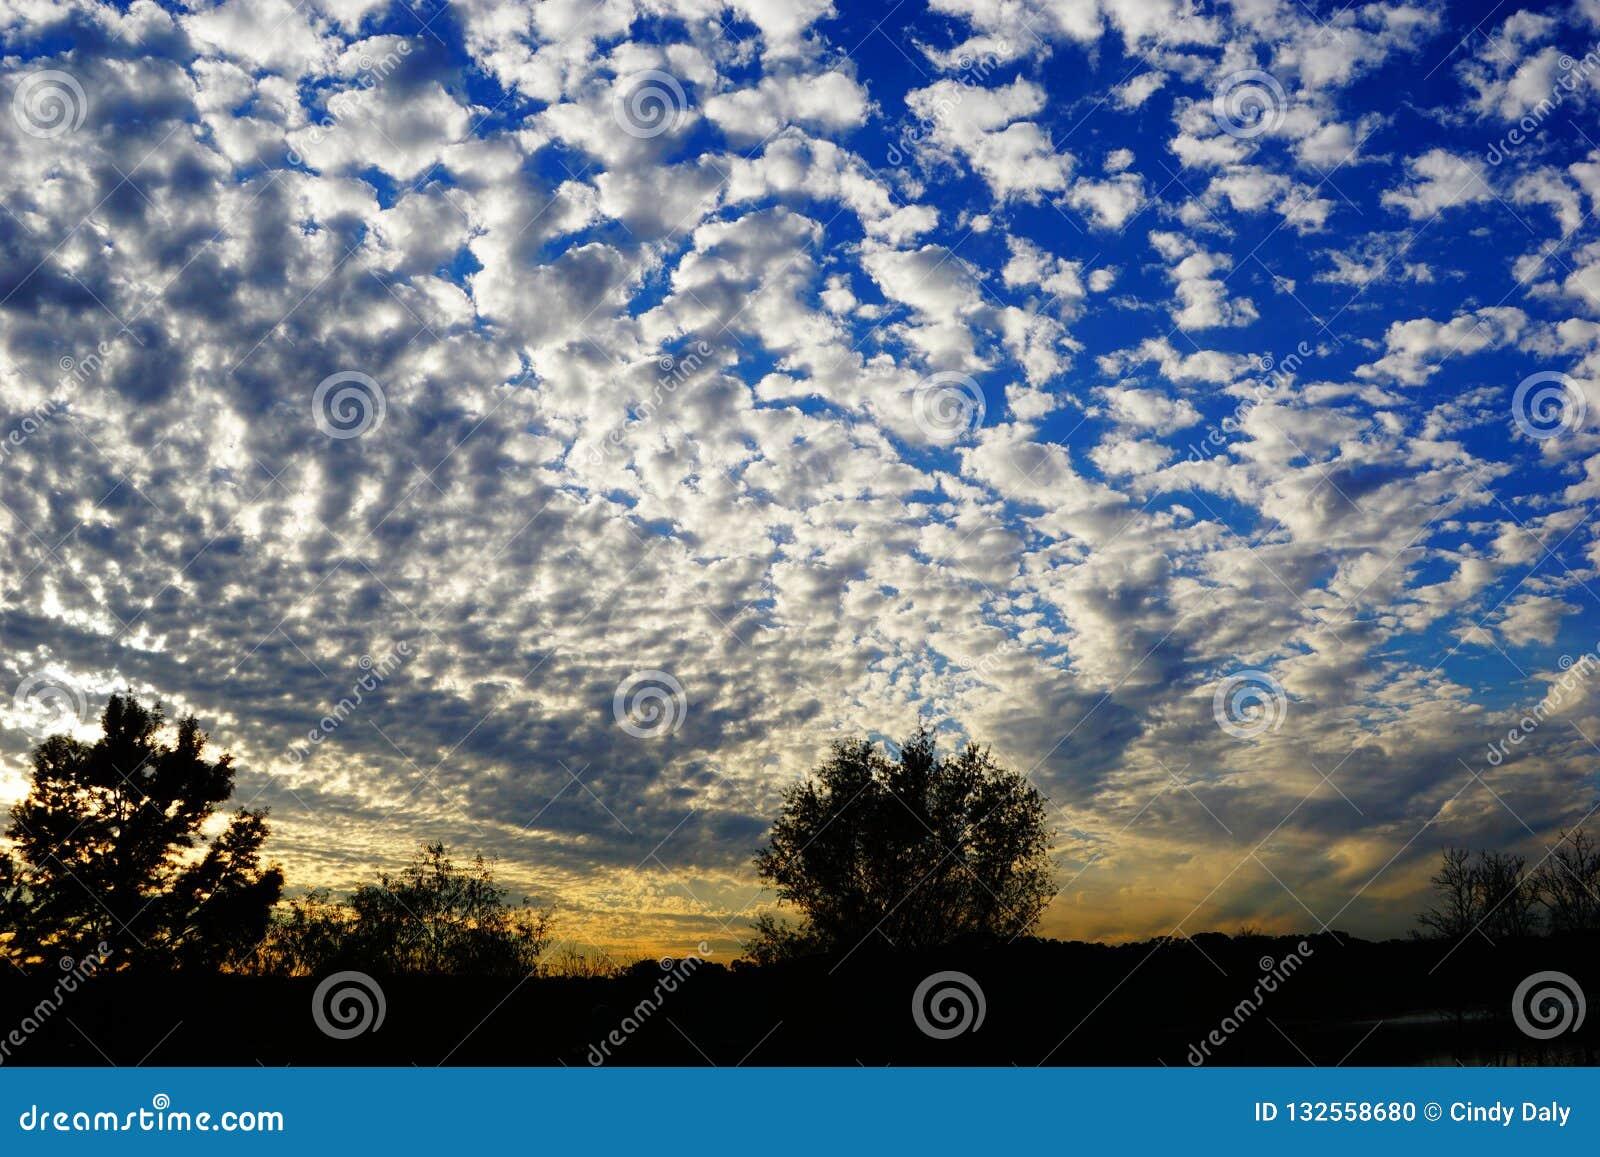 Μια φωτογραφία του ουρανού του Τέξας βραδιού